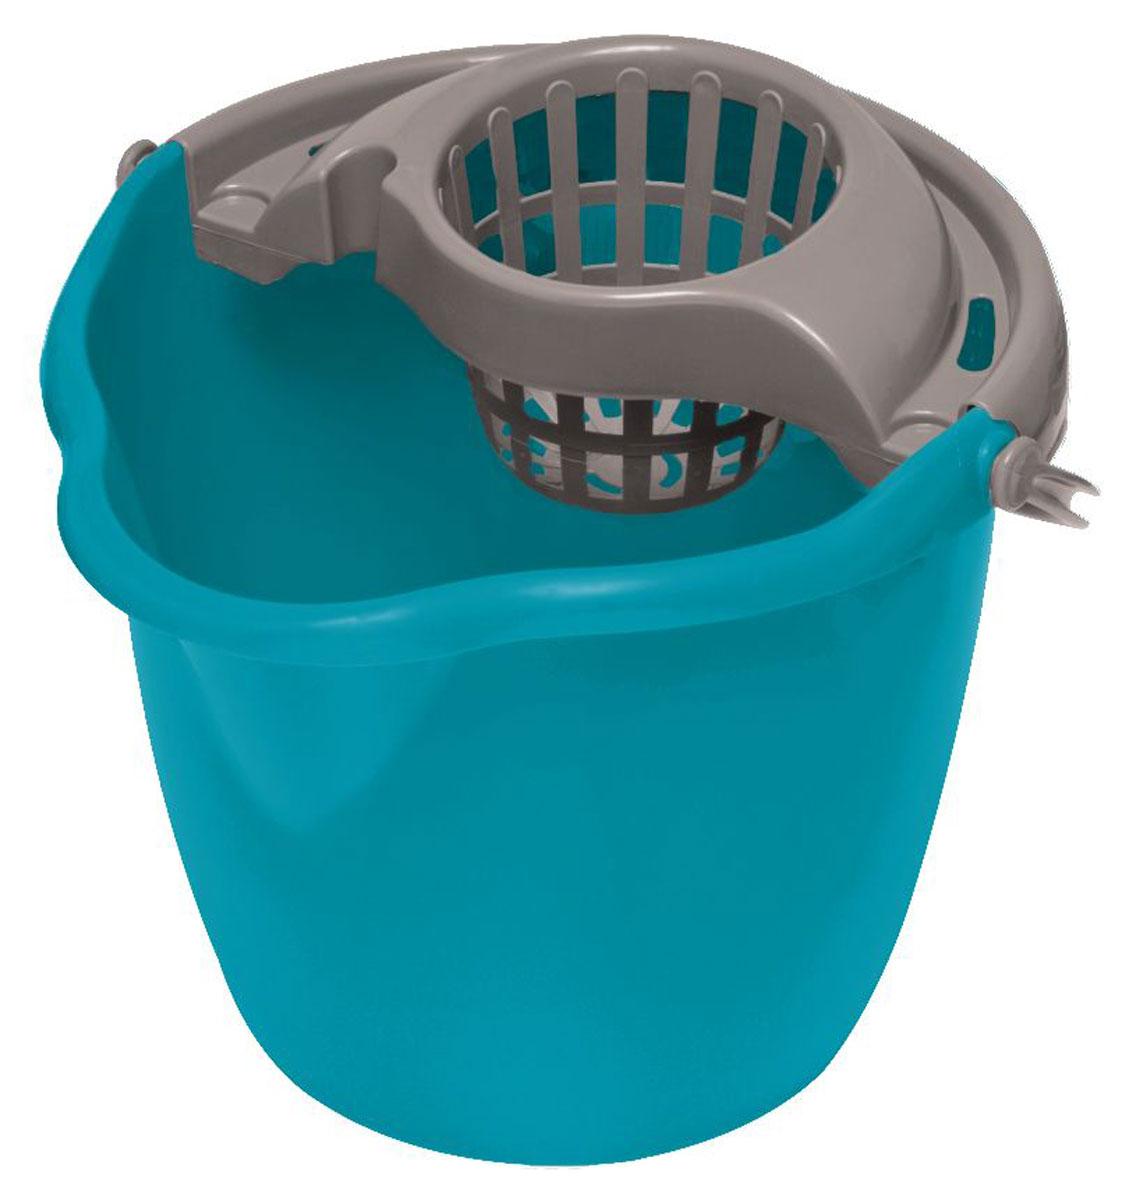 Ведро для уборки York, с насадкой для отжима швабры, цвет: бирюзовый, серый, 12 л7005_бирюзовый, серыйВедро York, изготовленное из прочного полипропилена, порадует практичных хозяек. Изделие снабжено специальной насадкой, которая обеспечивает интенсивный отжим ленточных швабр. Это значительно уменьшает физические нагрузки при мытье полов. Насадка надежно крепится на ведро и также легко снимается, позволяя хранить ее отдельно. Для удобного использования ведро оснащено эргономичной ручкой. Размер ведра (по верхнему краю): 33 х 30 см. Высота: 27 см.